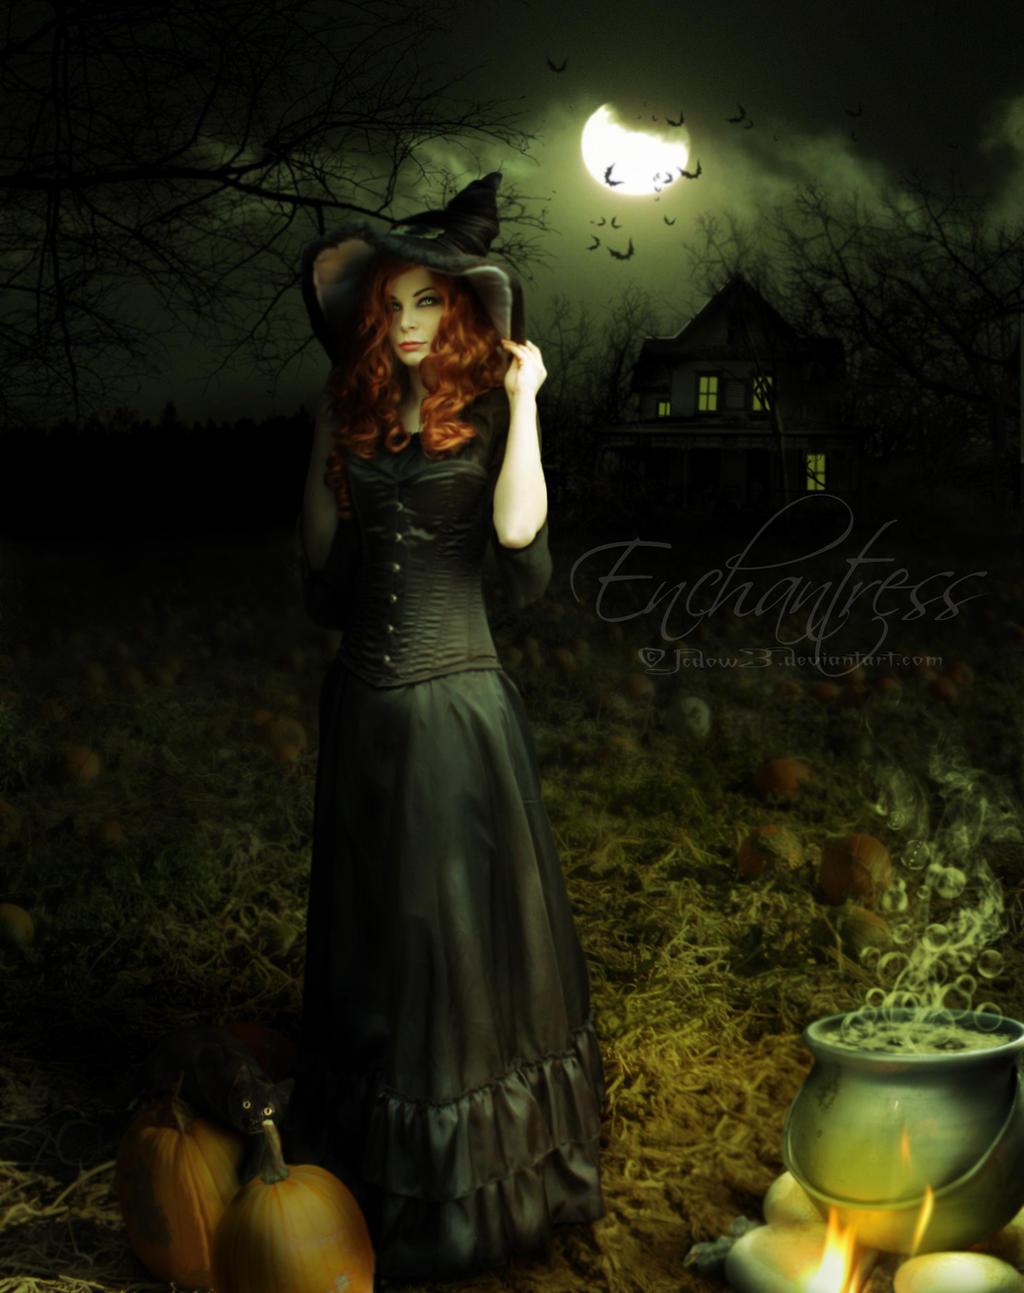 Enchantress by Jcdow3